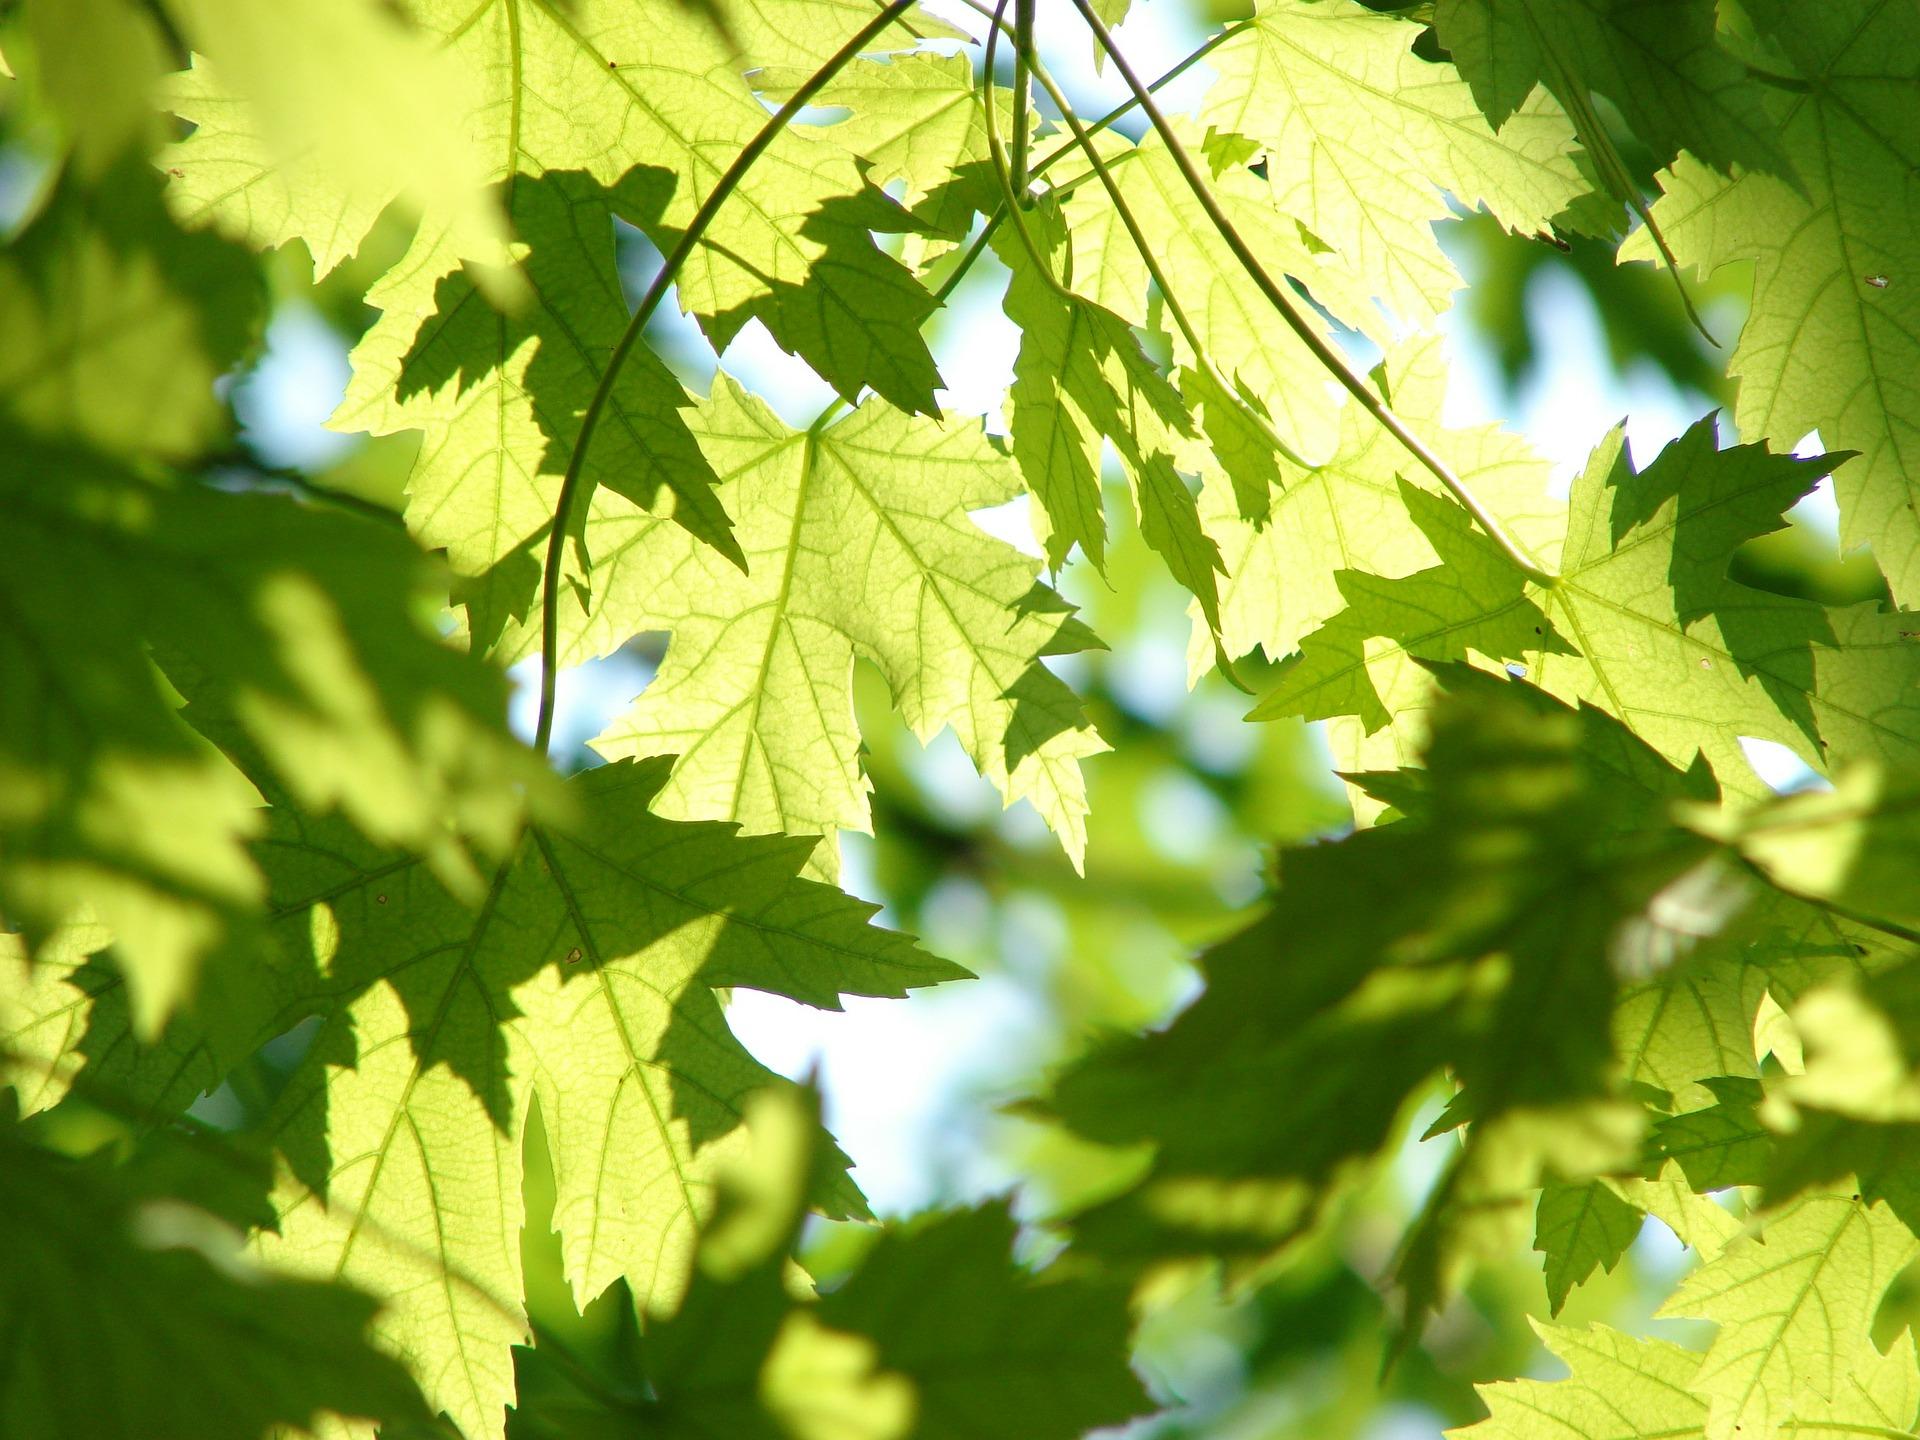 Klímaváltozás: vastagabb levelet növesztenek a növények